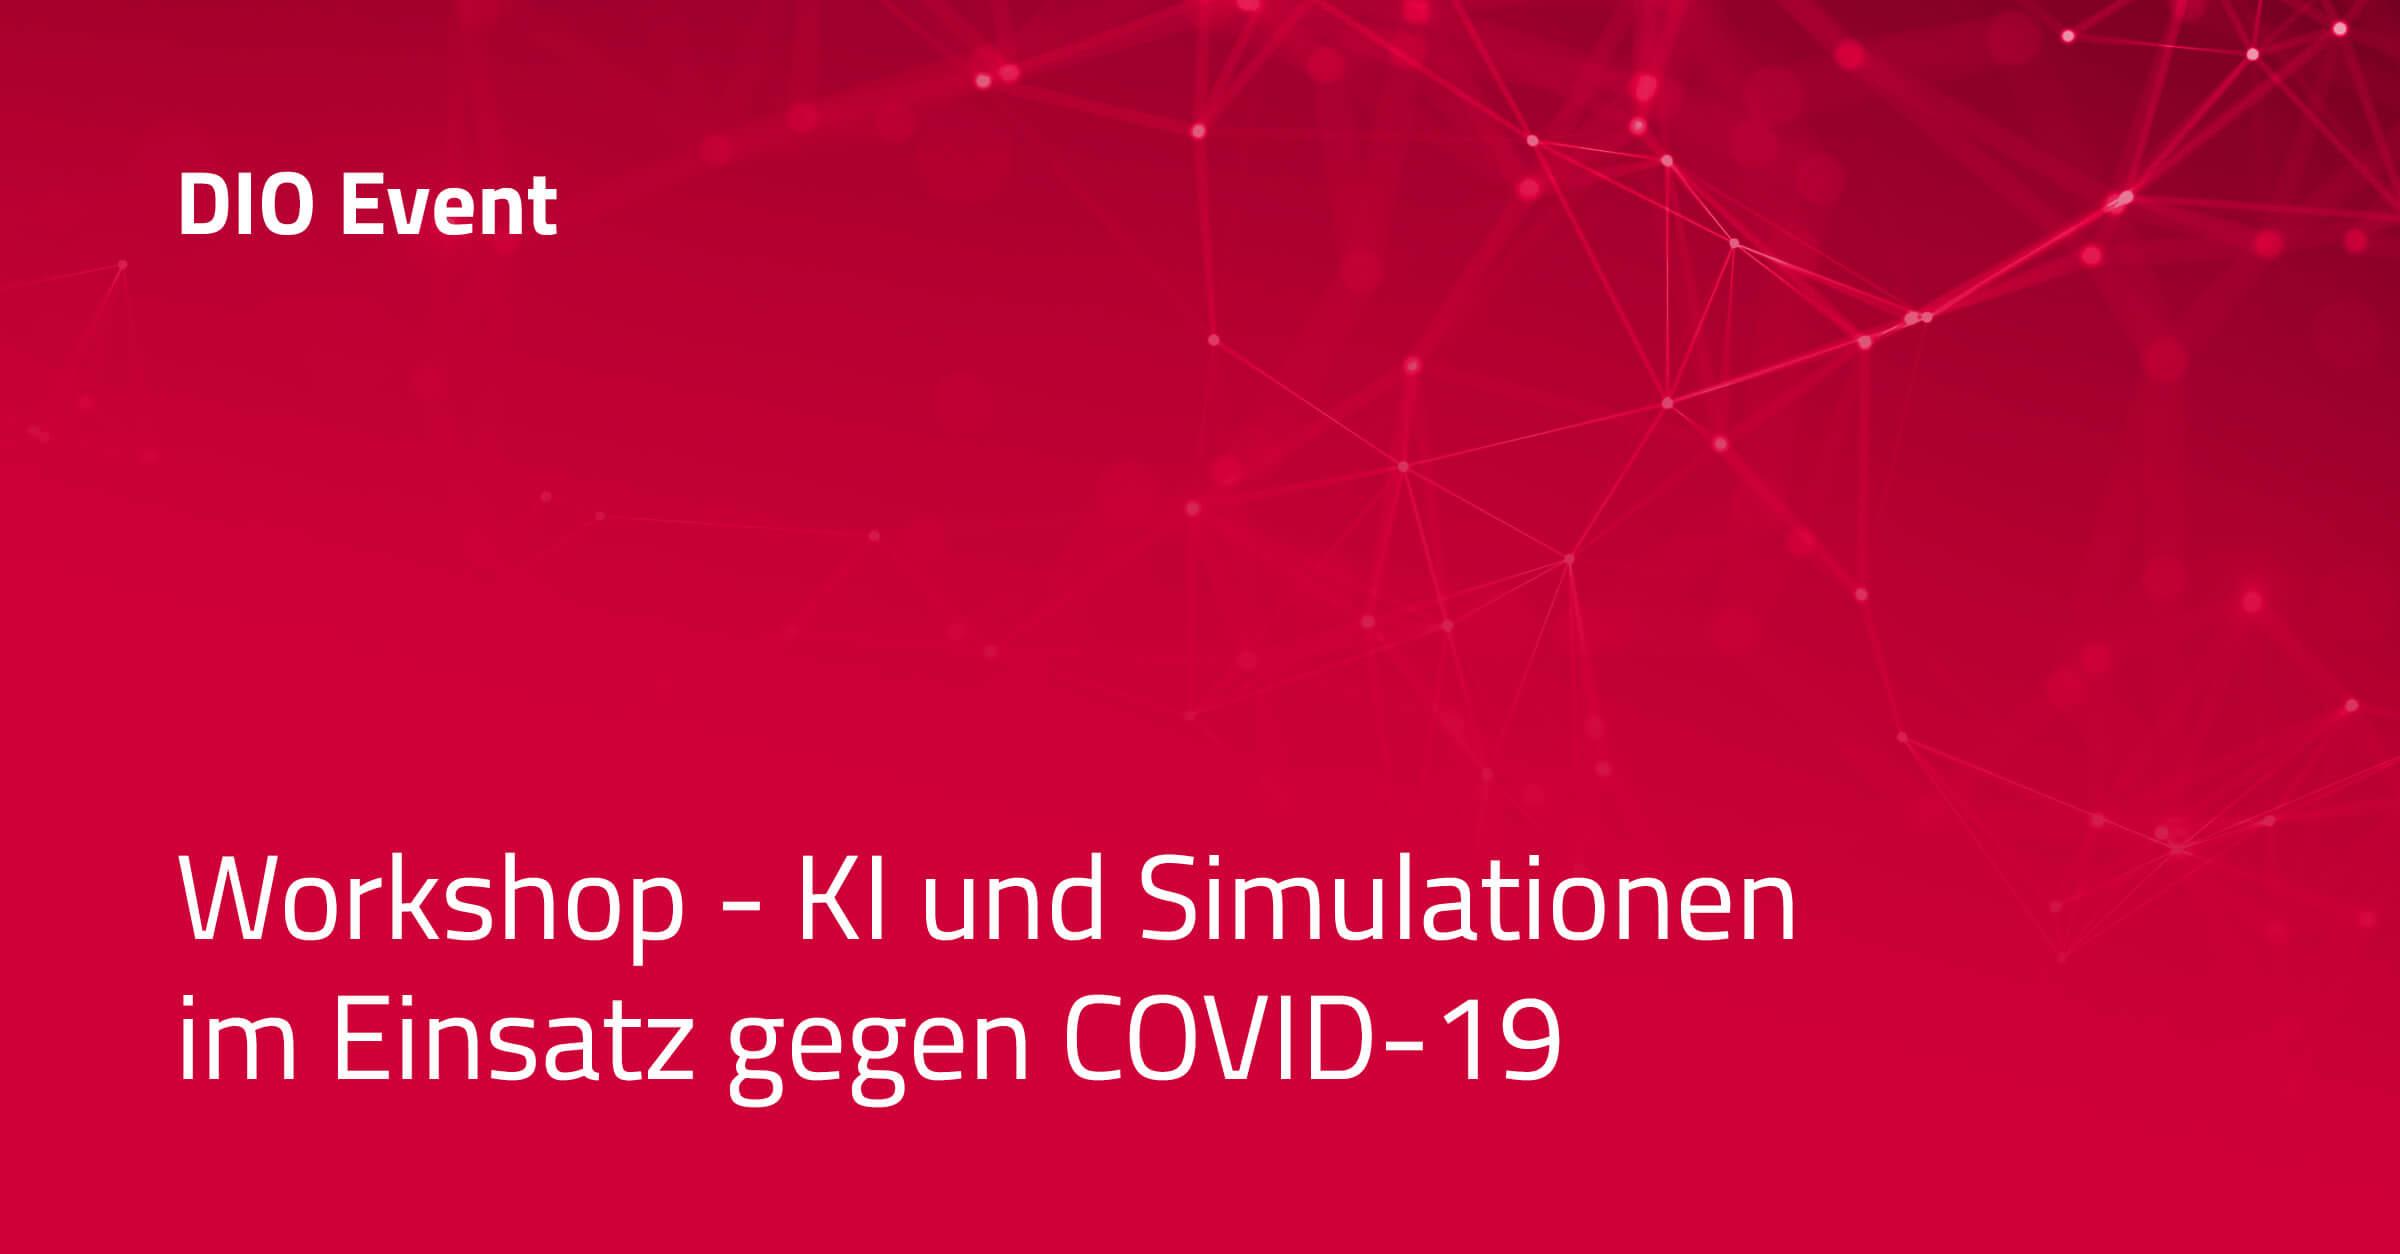 DIO_Event_WorkshopKIundSimulationen